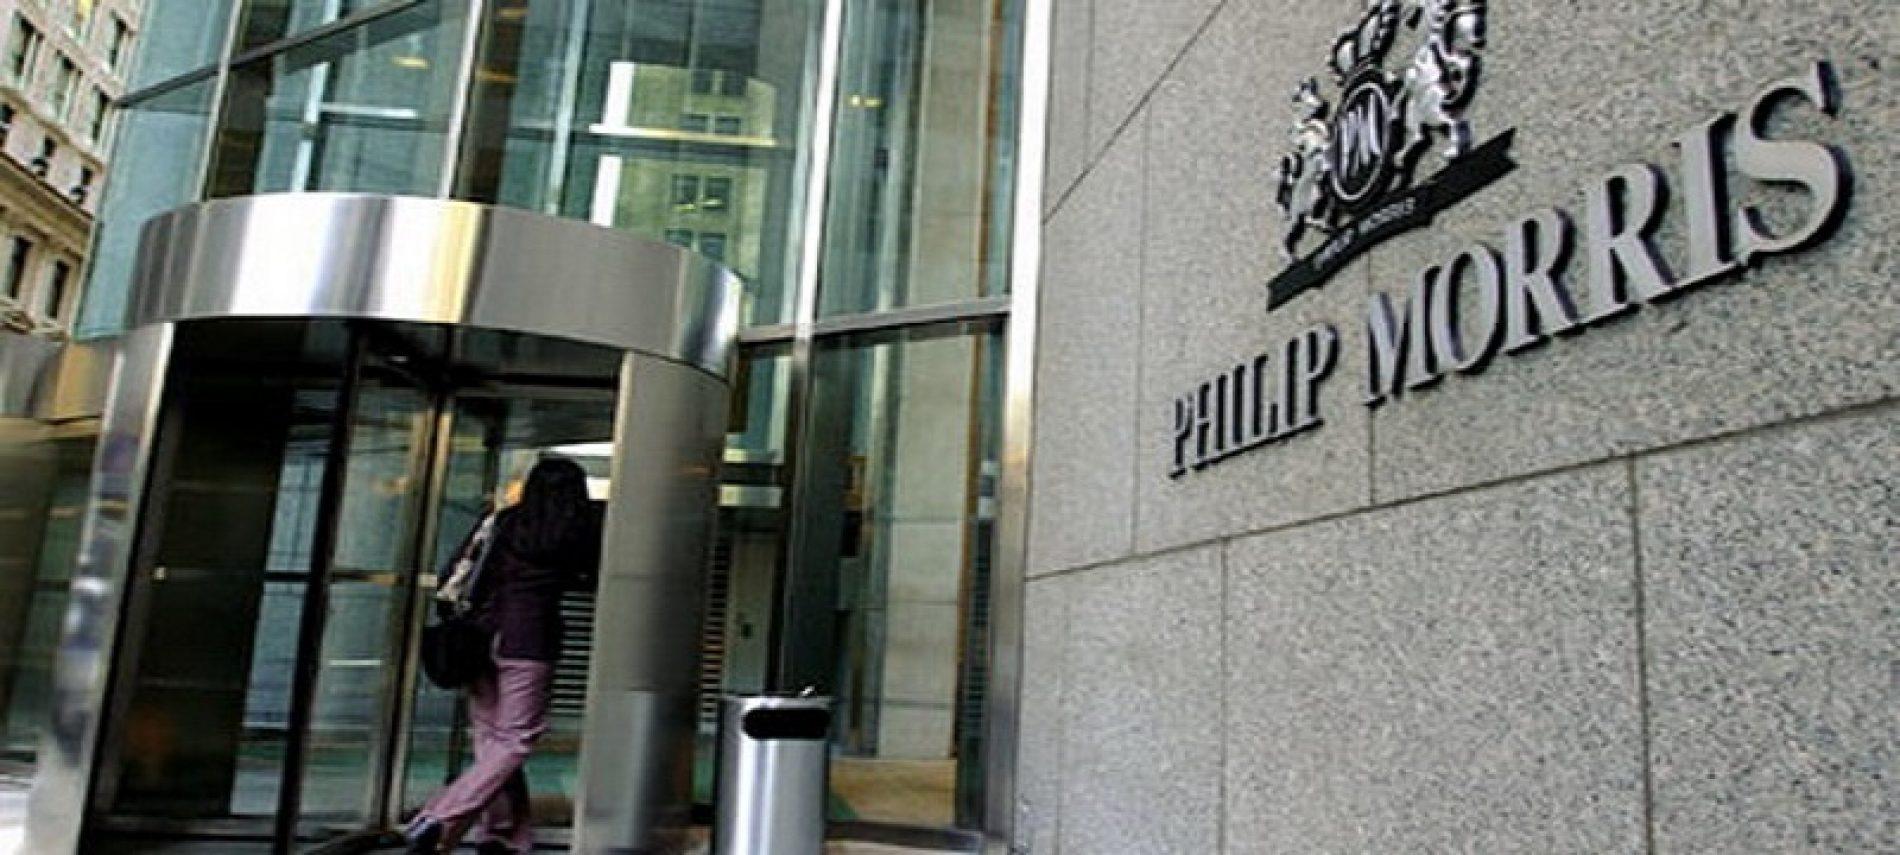 Philip Morris planira odustati od proizvodnje cigareta